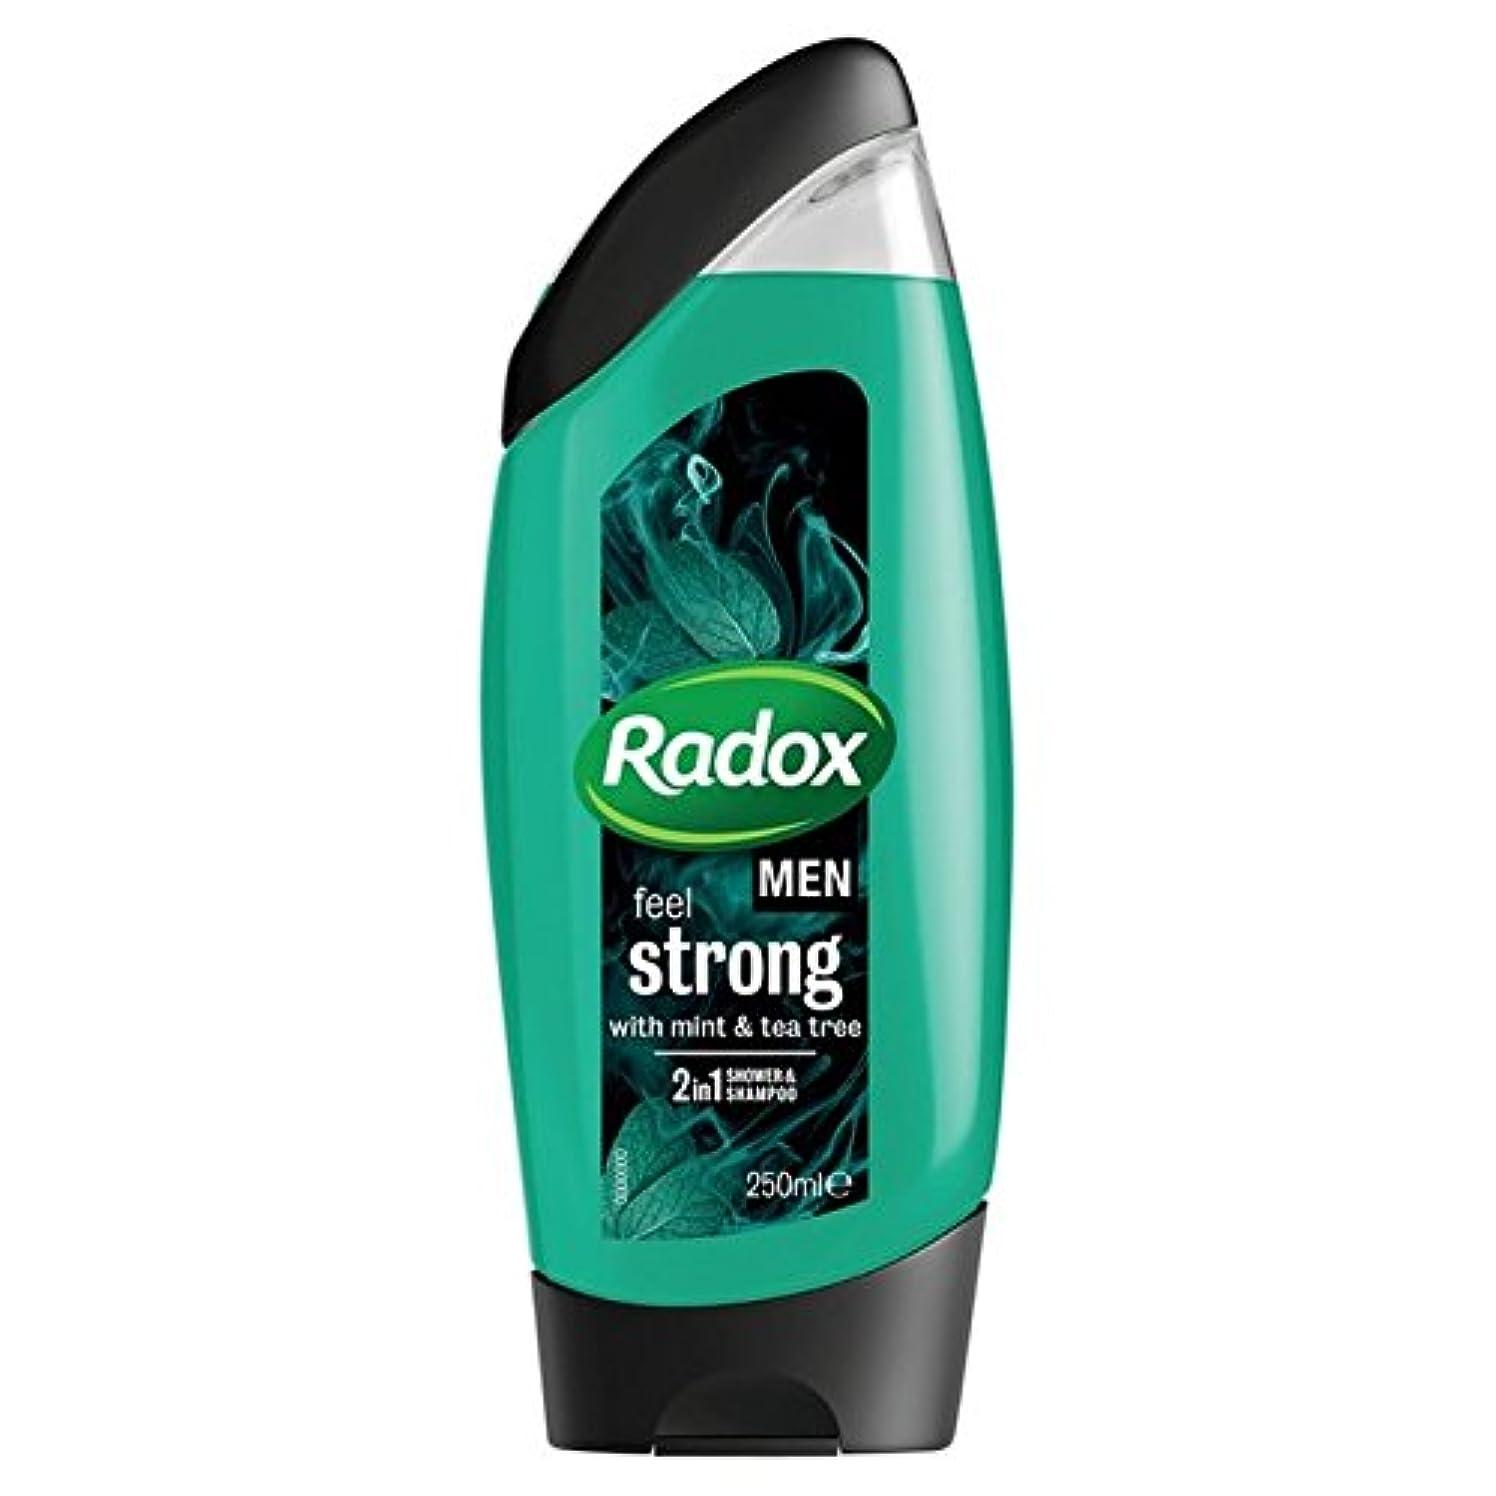 マニアアロング変化する男性は、強力なミント&ティーツリーの21のシャワージェル250ミリリットルを感じます x2 - Radox Men Feel Strong Mint & Tea Tree 2in1 Shower Gel 250ml (Pack...